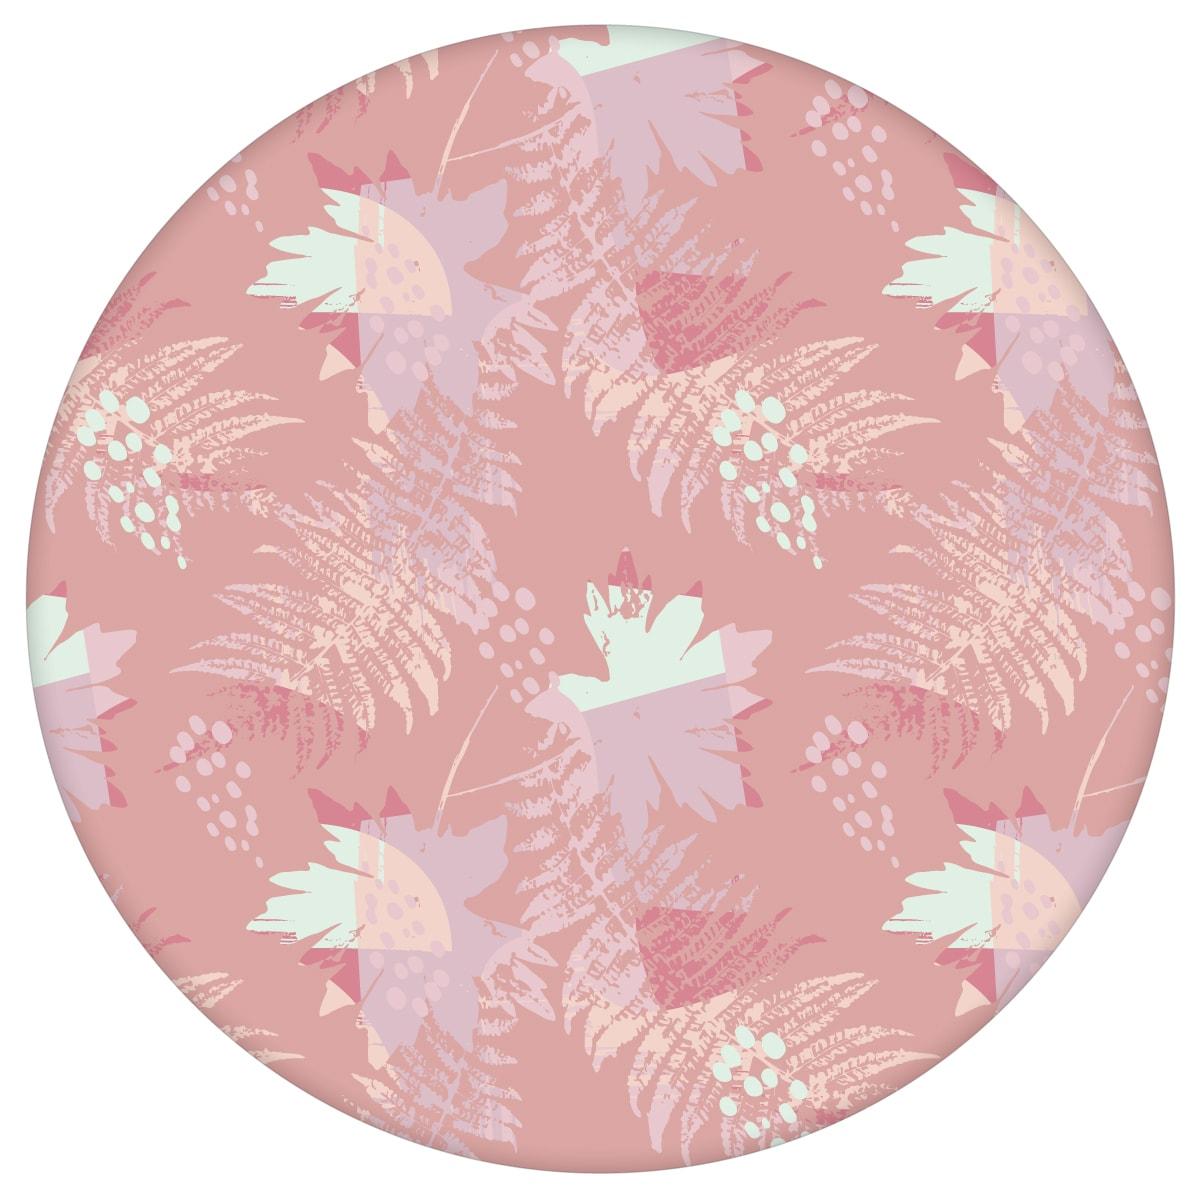 Blumentapete Wildflowers im Retro Look in rosa - florale Tapete für Wohnzimmeraus dem GMM-BERLIN.com Sortiment: rosa Tapete zur Raumgestaltung: #70s #Ambiente #Blätter #Farn #interior #interiordesign #rosa Tapeten #wohnzimmermodern für individuelles Interiordesign